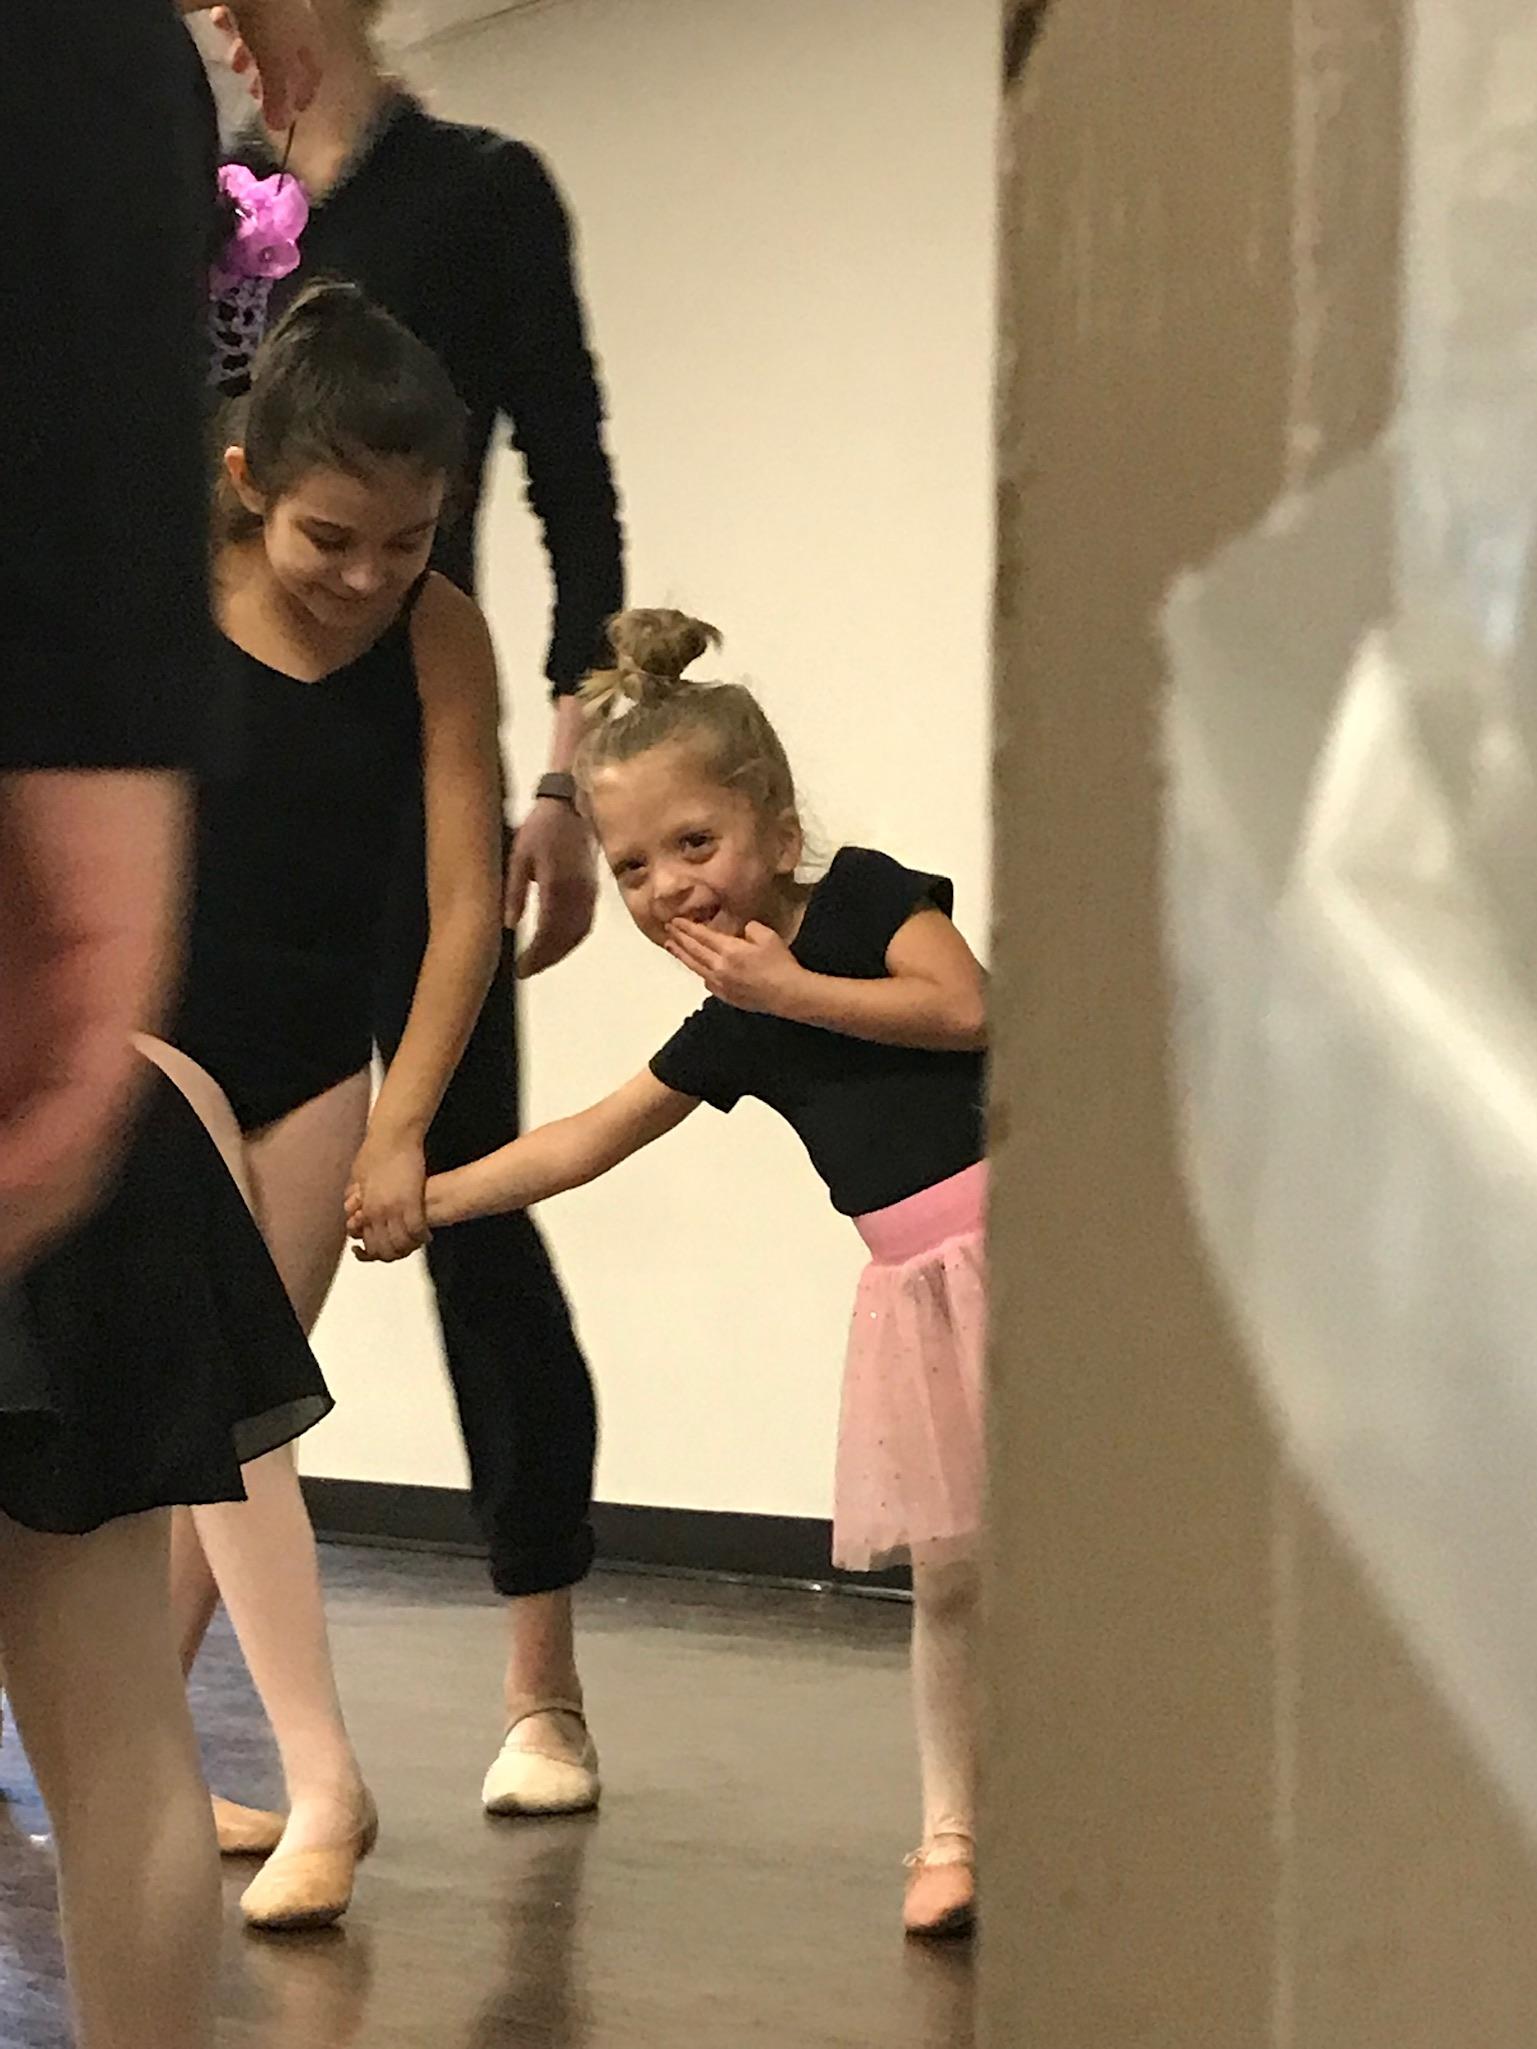 Ballet class 💗